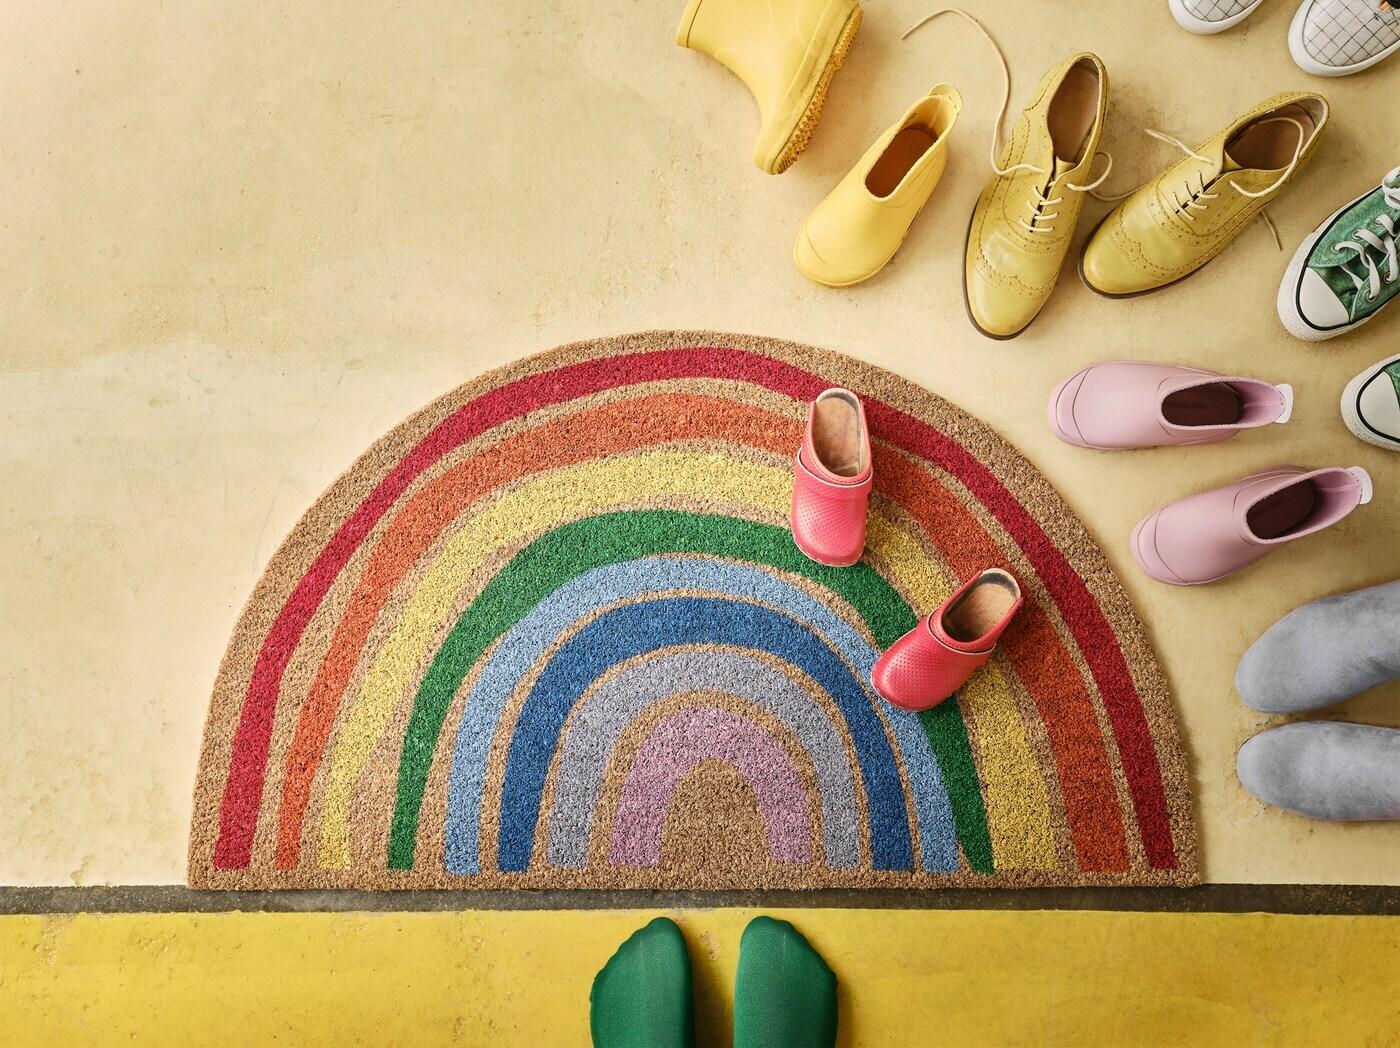 Rohožka PILLEMARK se vzorem duhy, kolem jsou rozházené boty různých velikostí